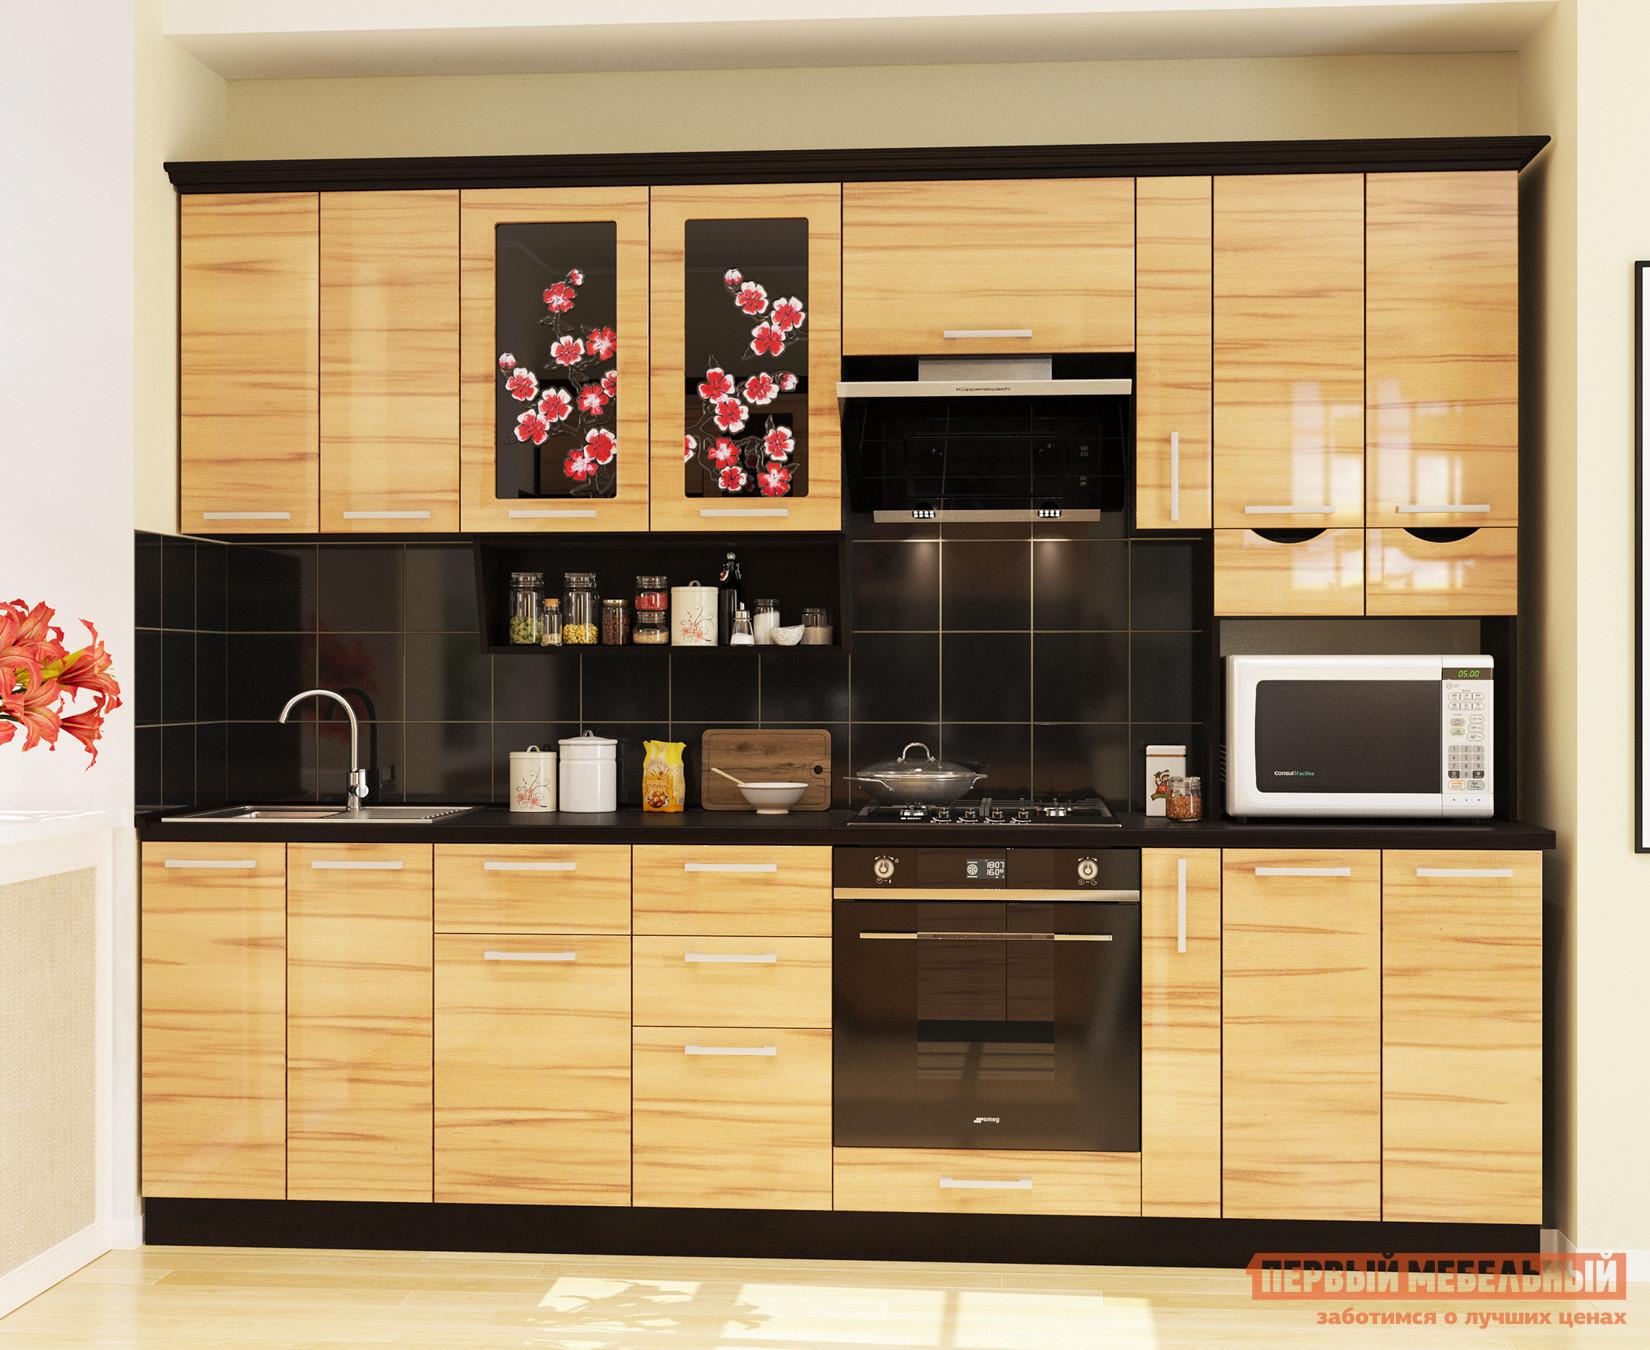 Кухонный гарнитур МО РОСТ Сакура 5 кухонный гарнитур трия фэнтези 120 см